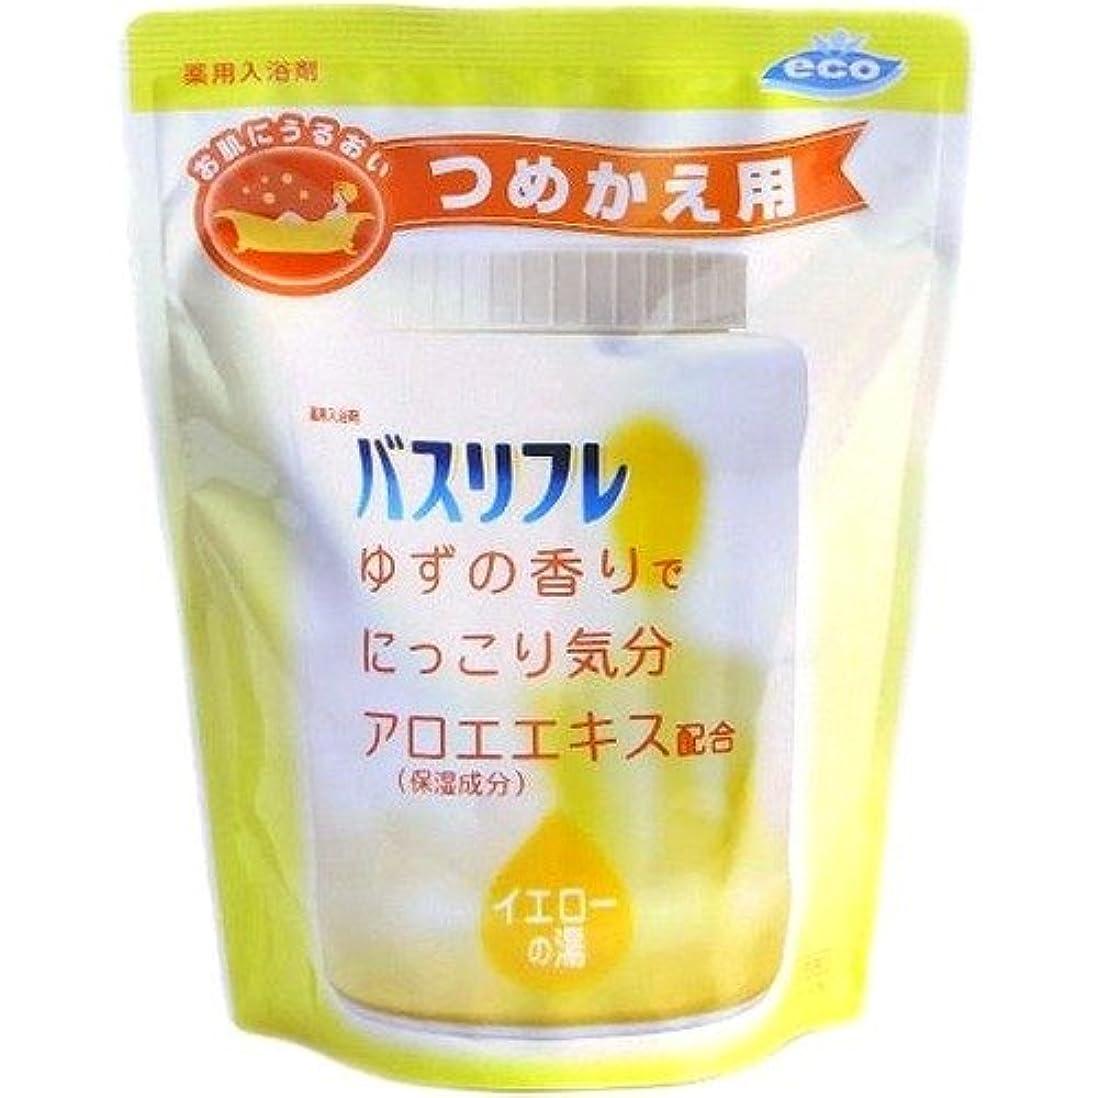 責任世辞破滅ライオンケミカル バスリフレ 薬用入浴剤 ゆずの香り つめかえ用 540g 4900480080102